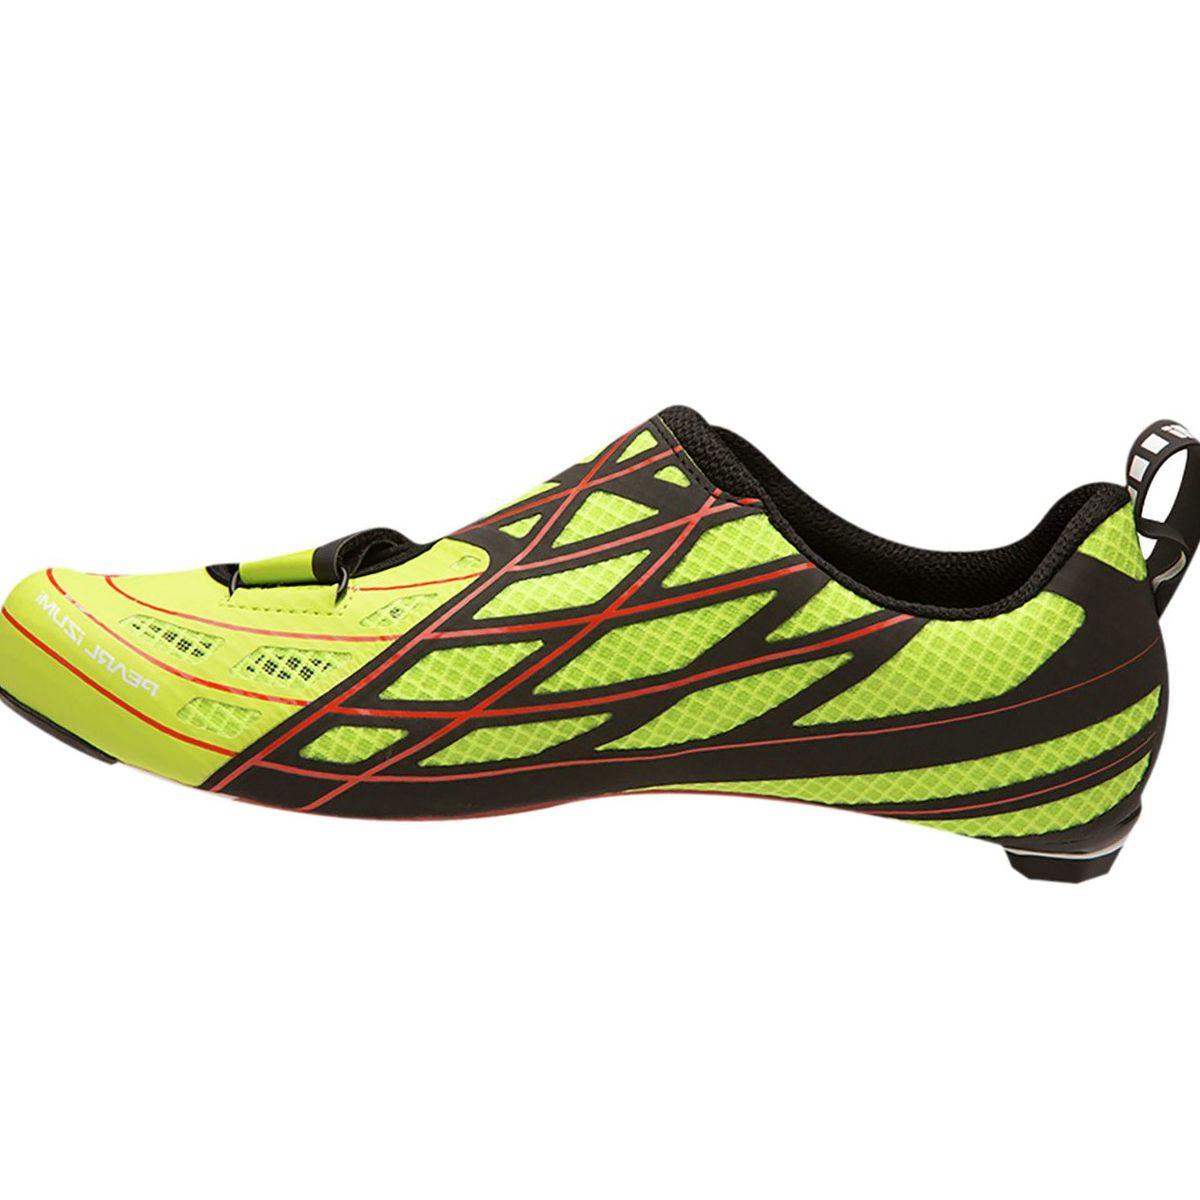 Pearl Izumi Tri Fly P.R.O. V3 Shoe - Men's